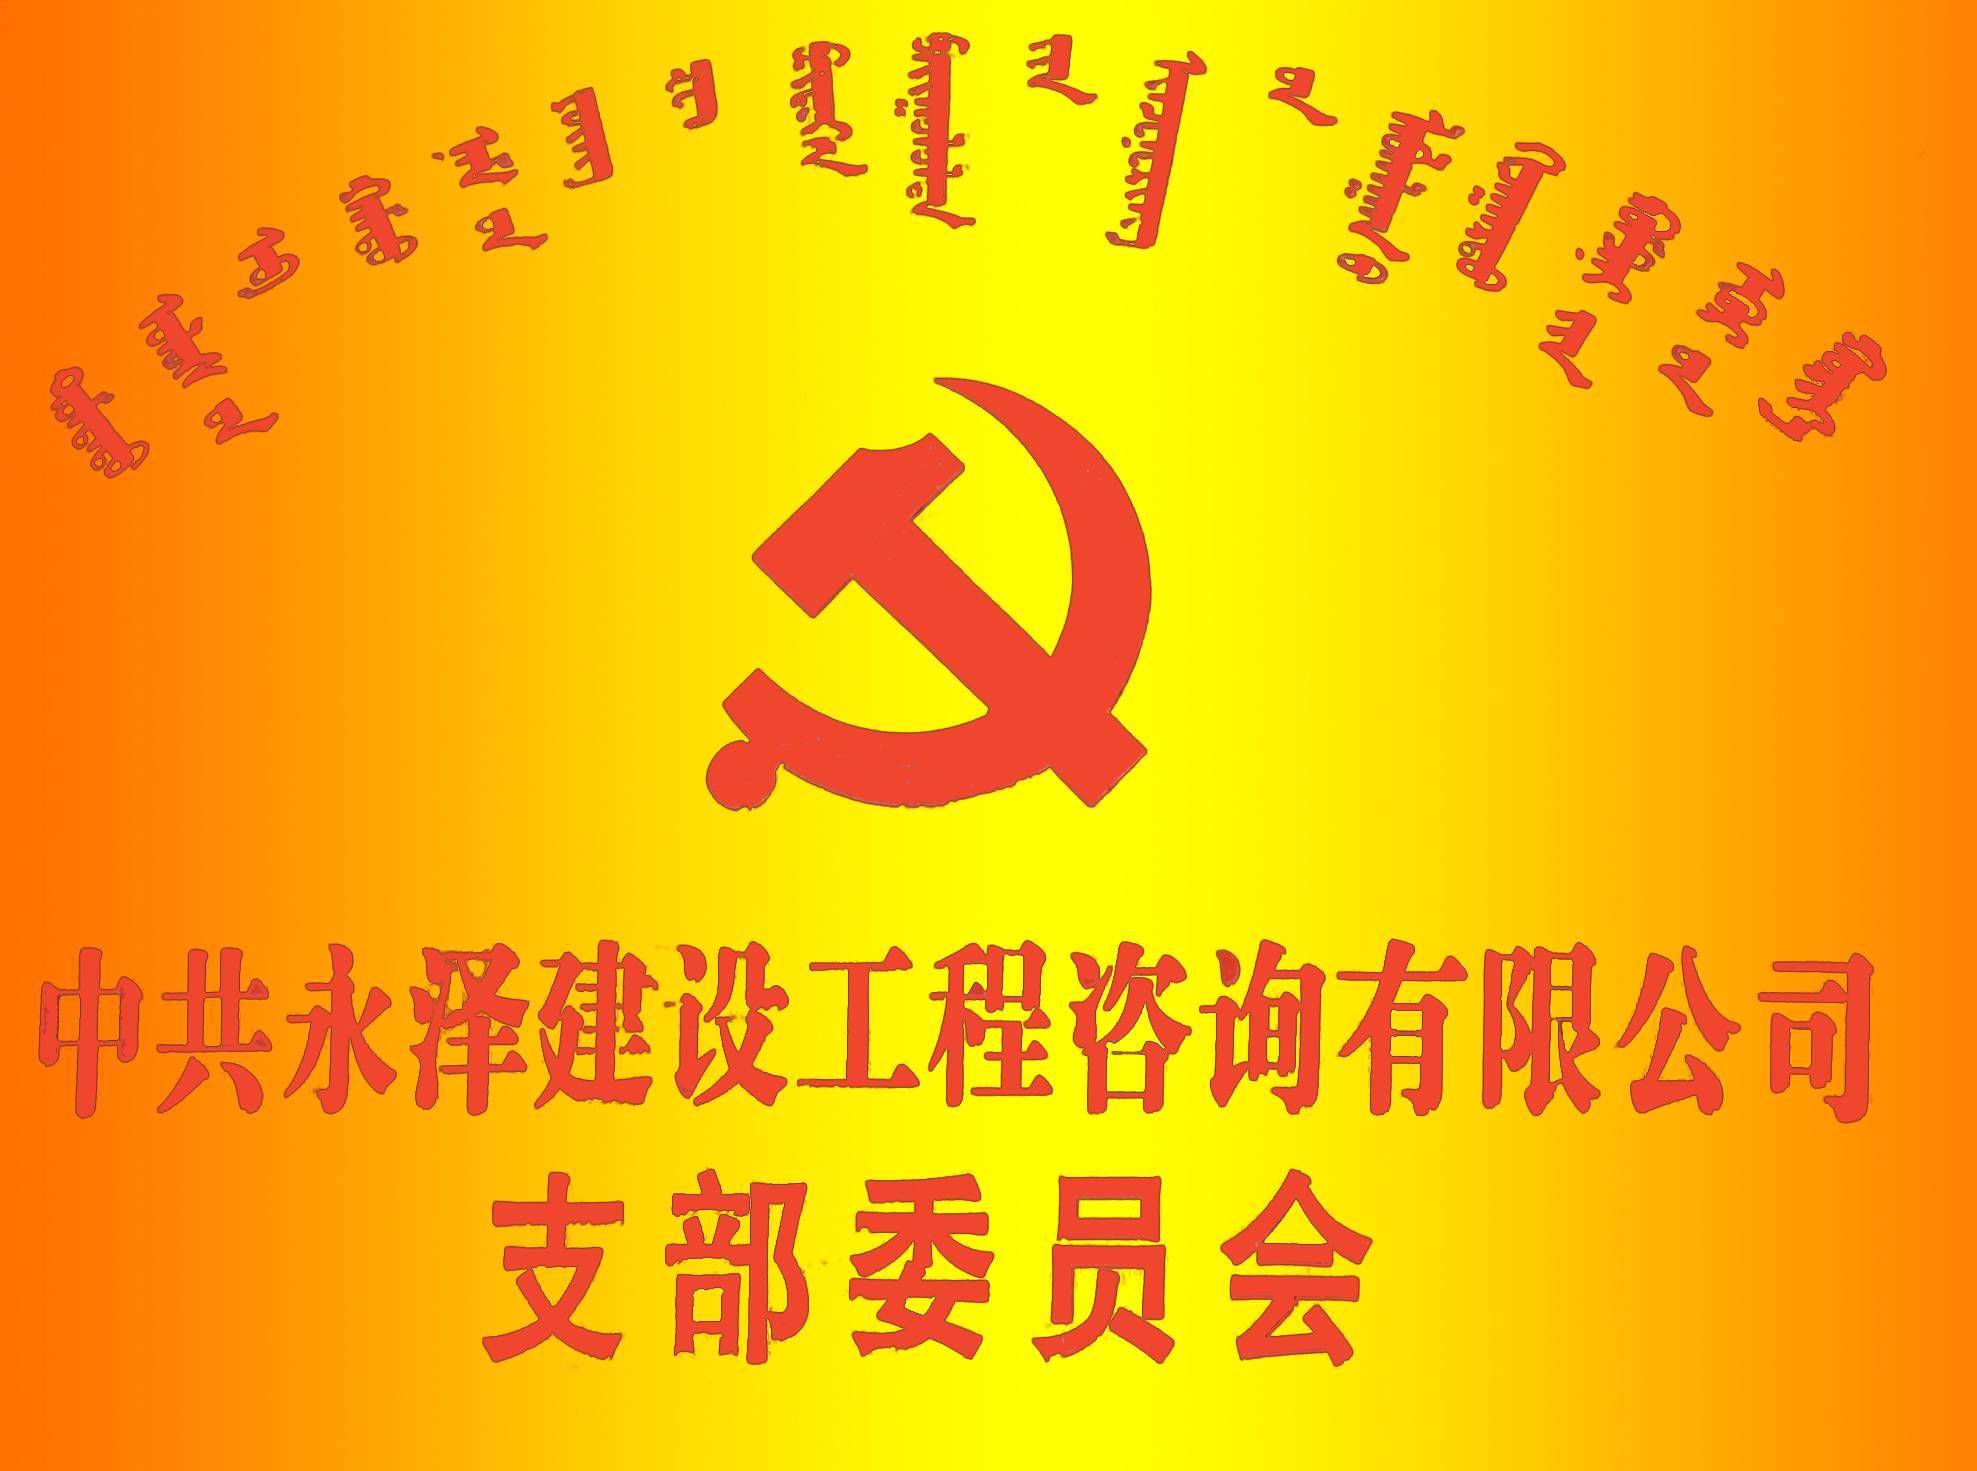 中共内蒙古永泽建设工程项目管理 有限公司党支部2016年成立